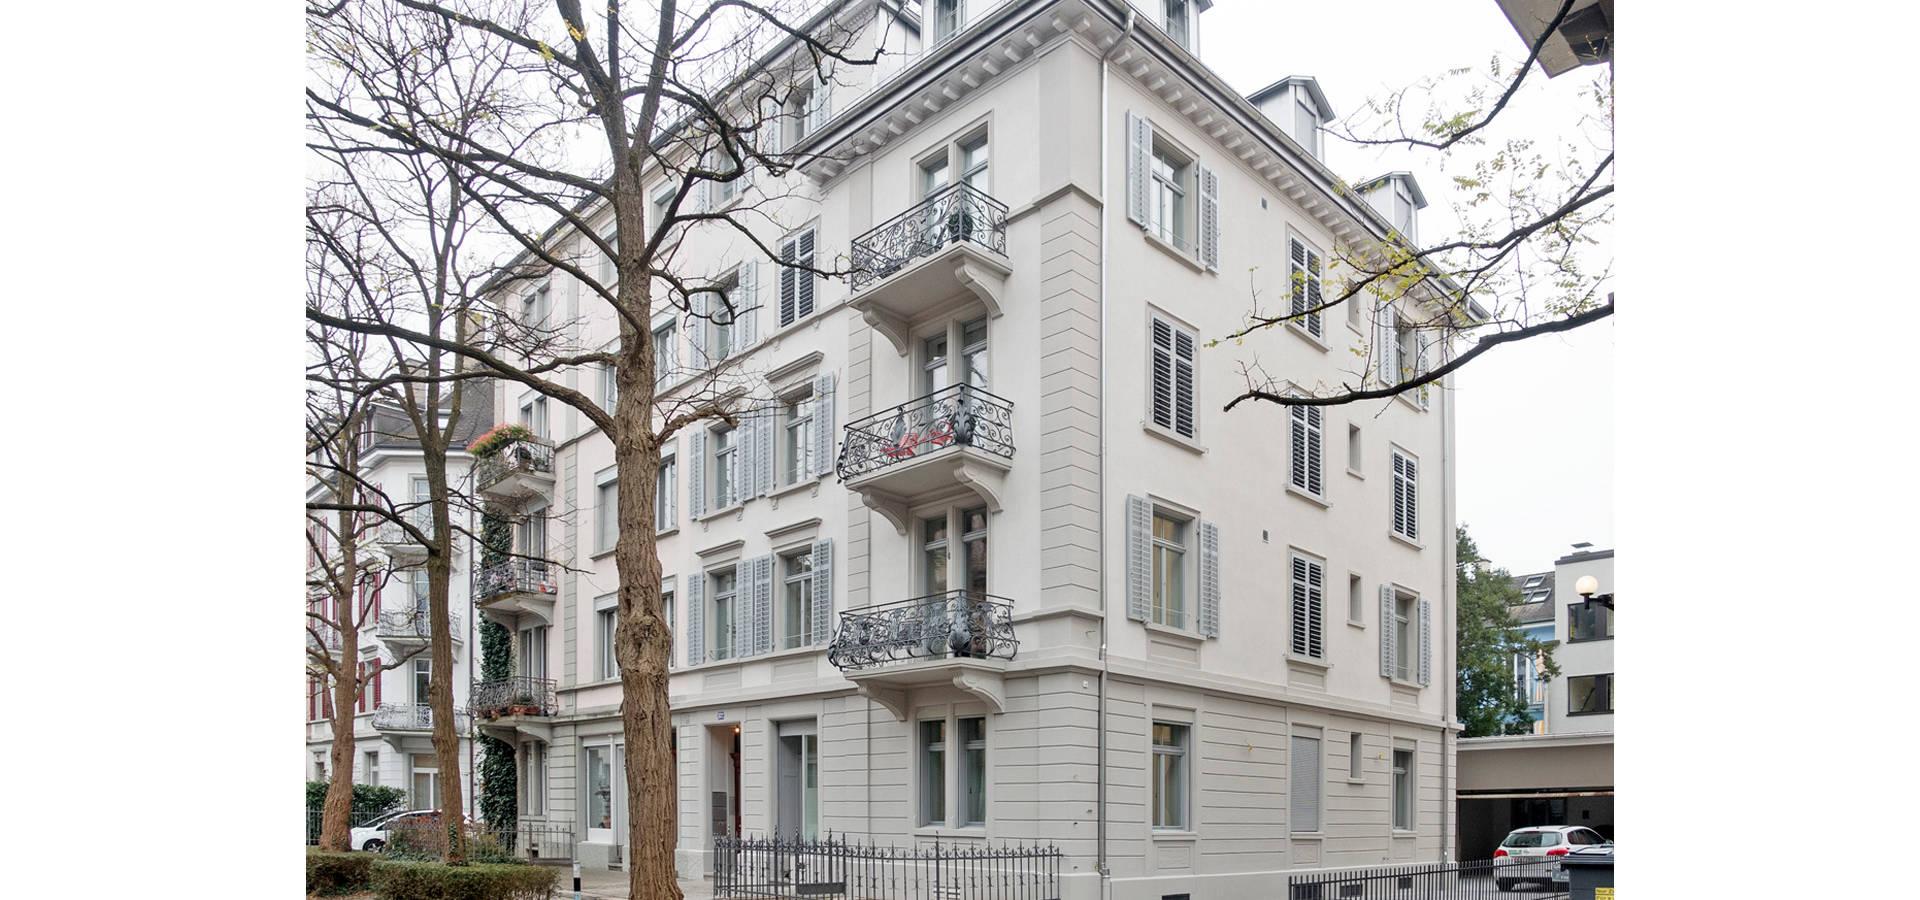 Jugendstil Mehrfamilienhaus Zurich Seefeld By Fastarch